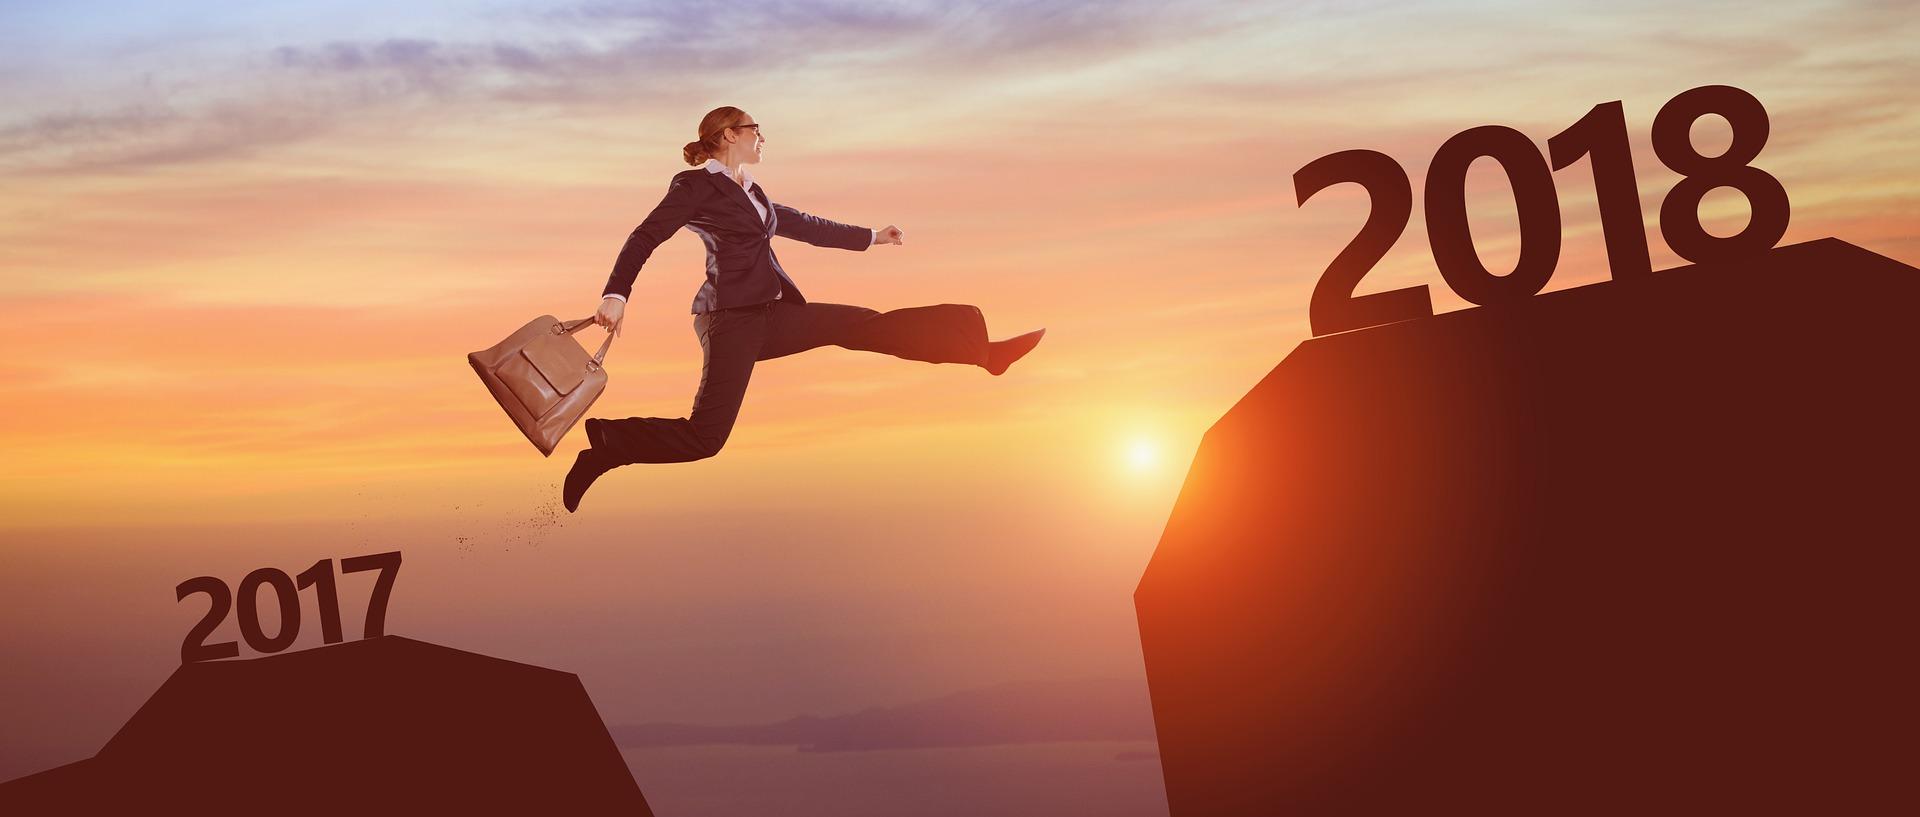 2017年から2018年へ女性がジャンプしてる